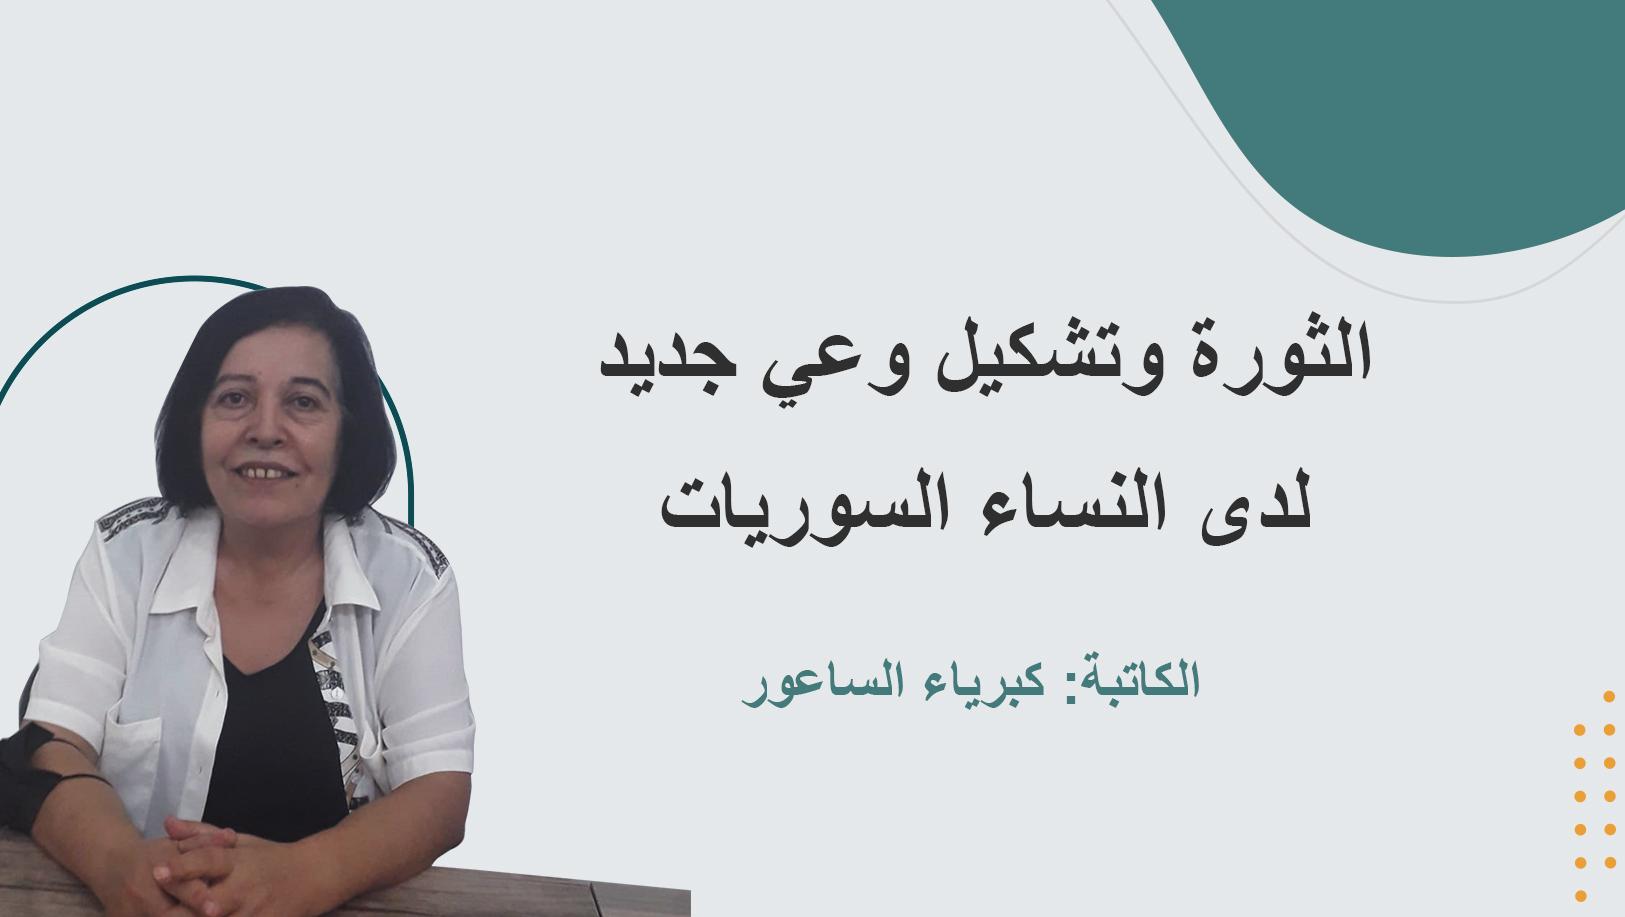 الثورة وتشكيل وعي جديد لدى النساء السوريات